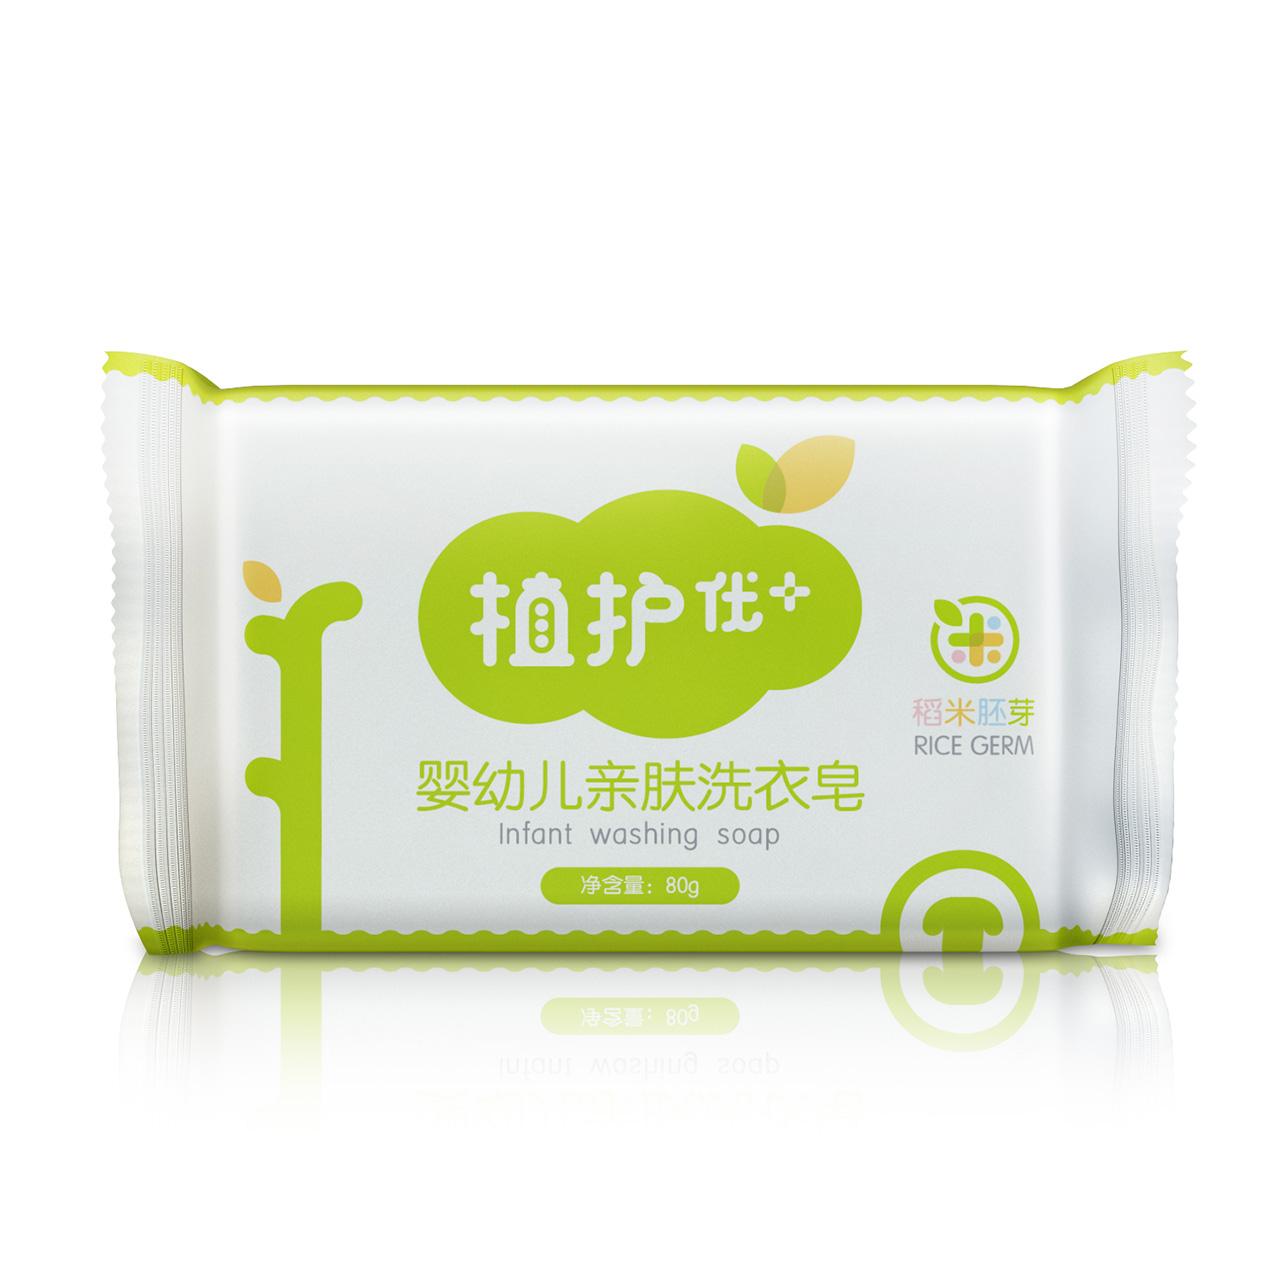 【天猫超市】植护 婴儿亲肤洗衣皂80g